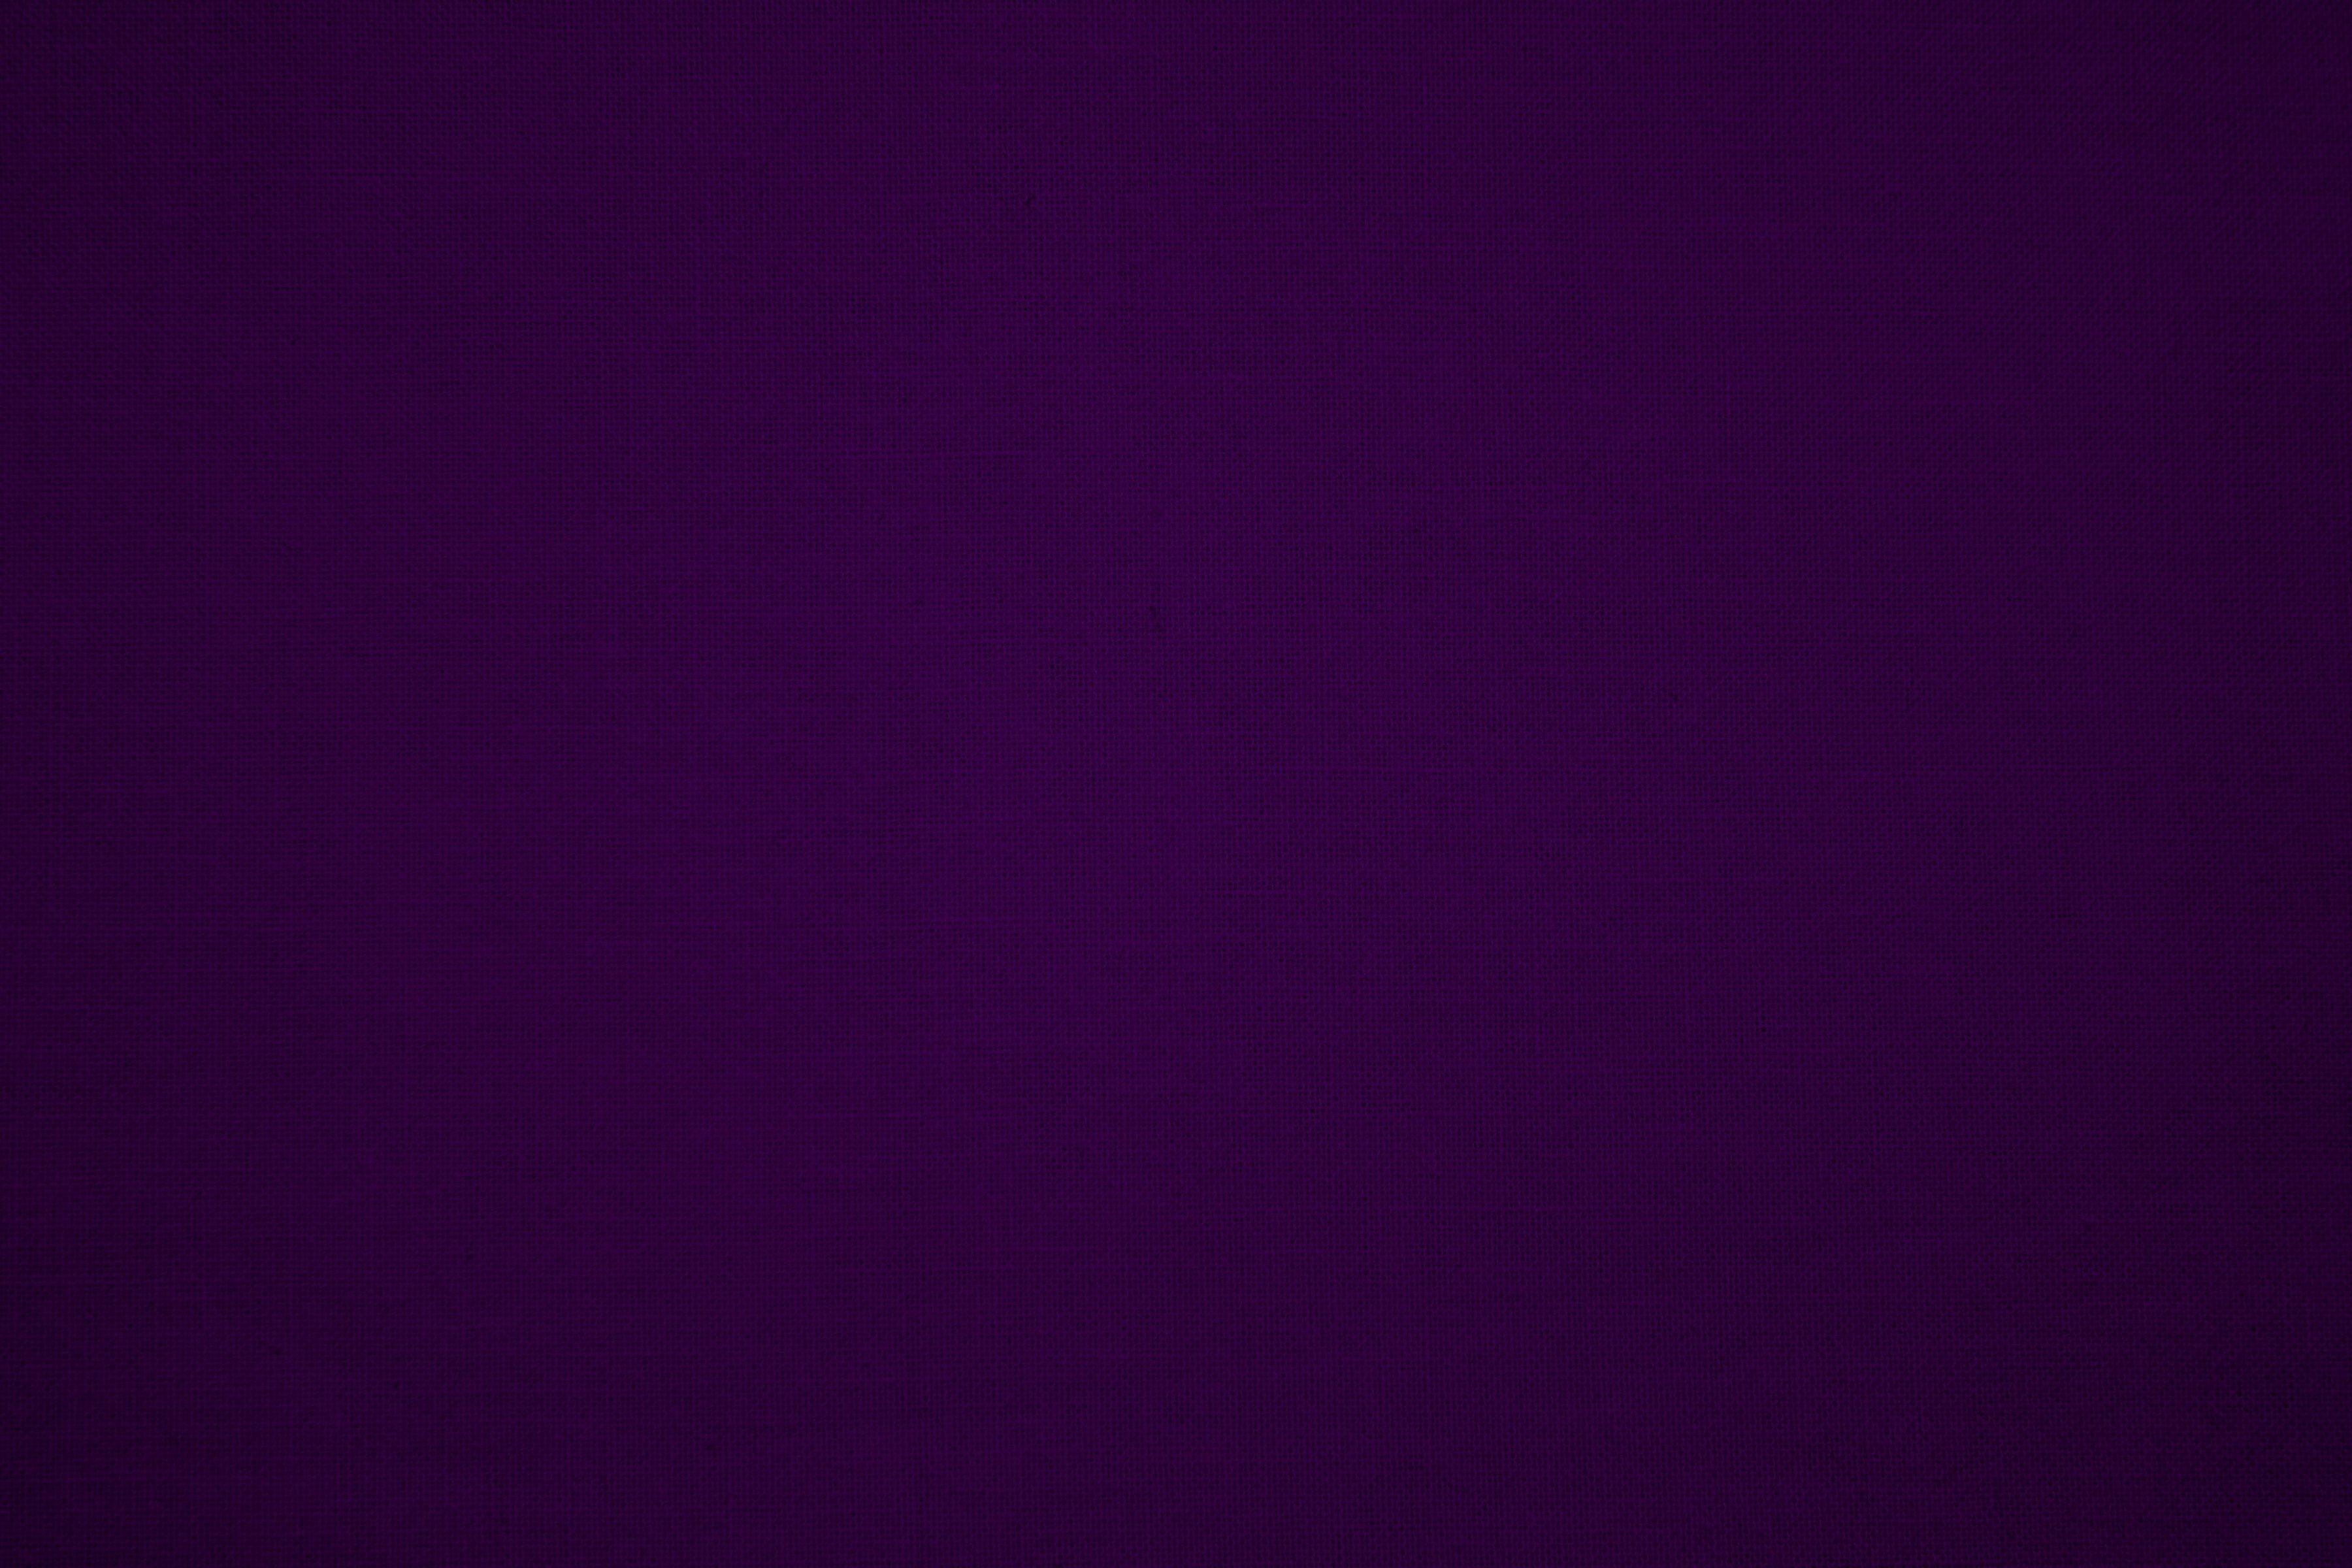 Deep Purple Wallpaper - WallpaperSafari